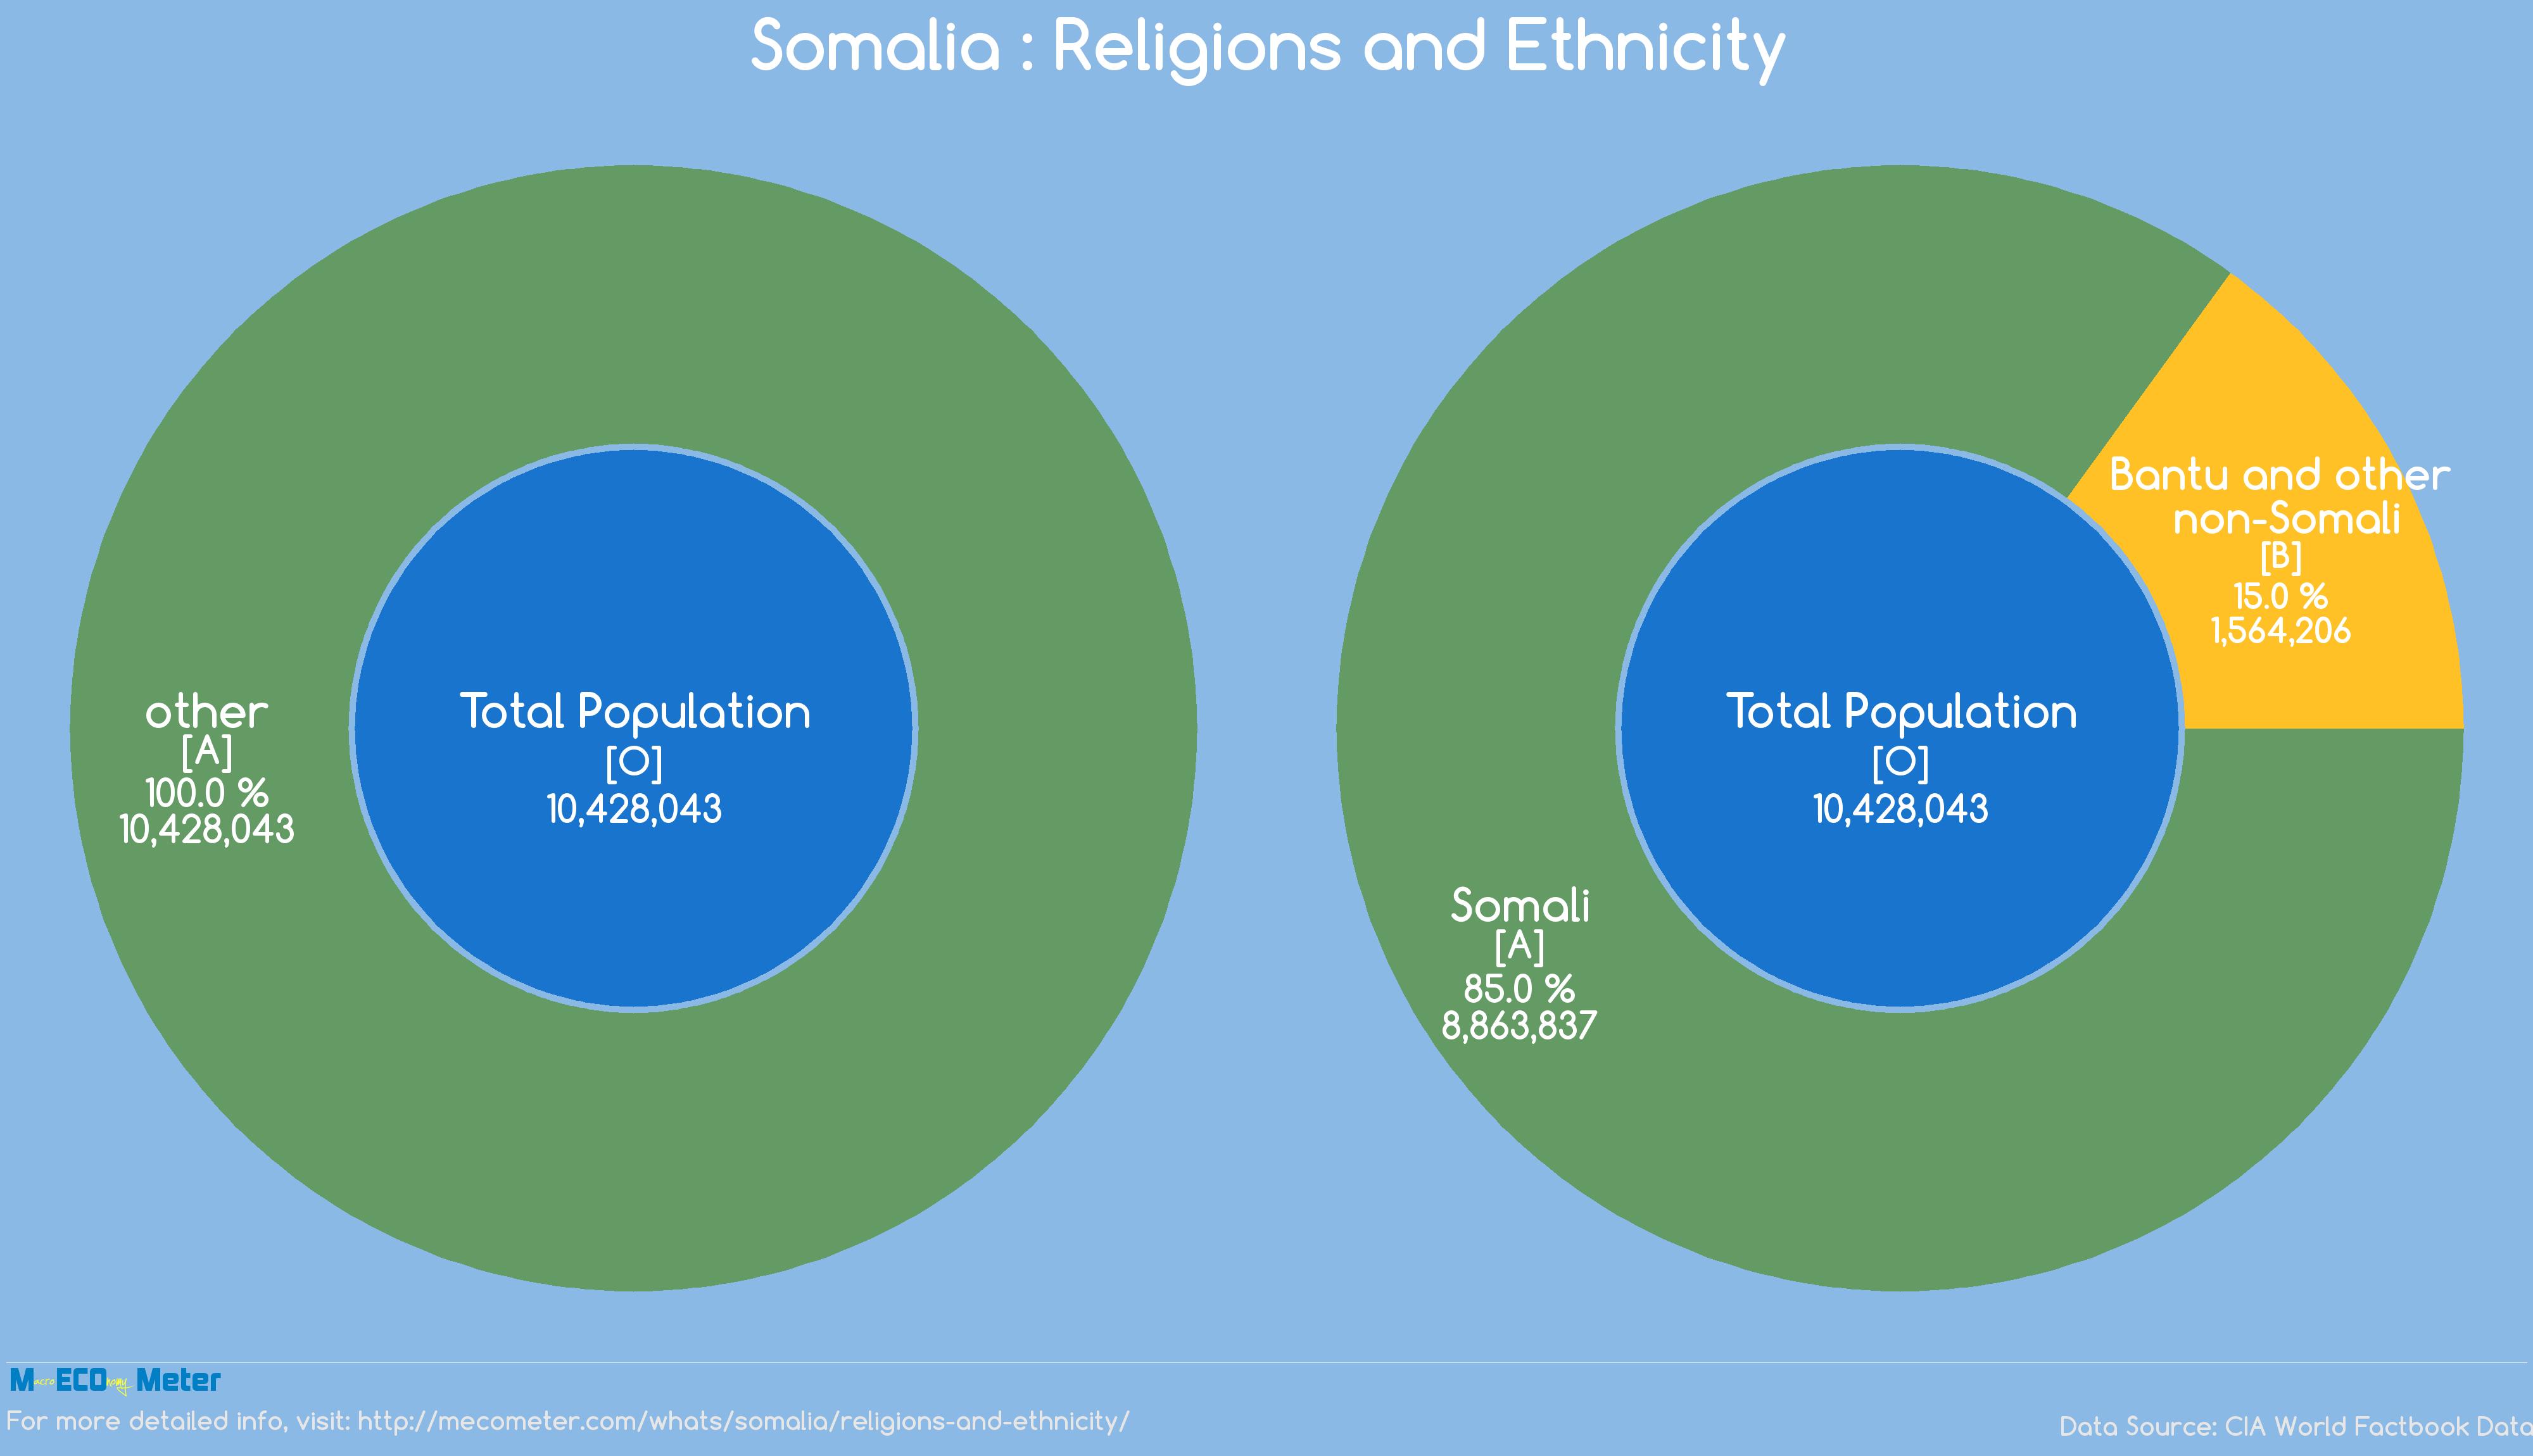 Somalia : Religions and Ethnicity